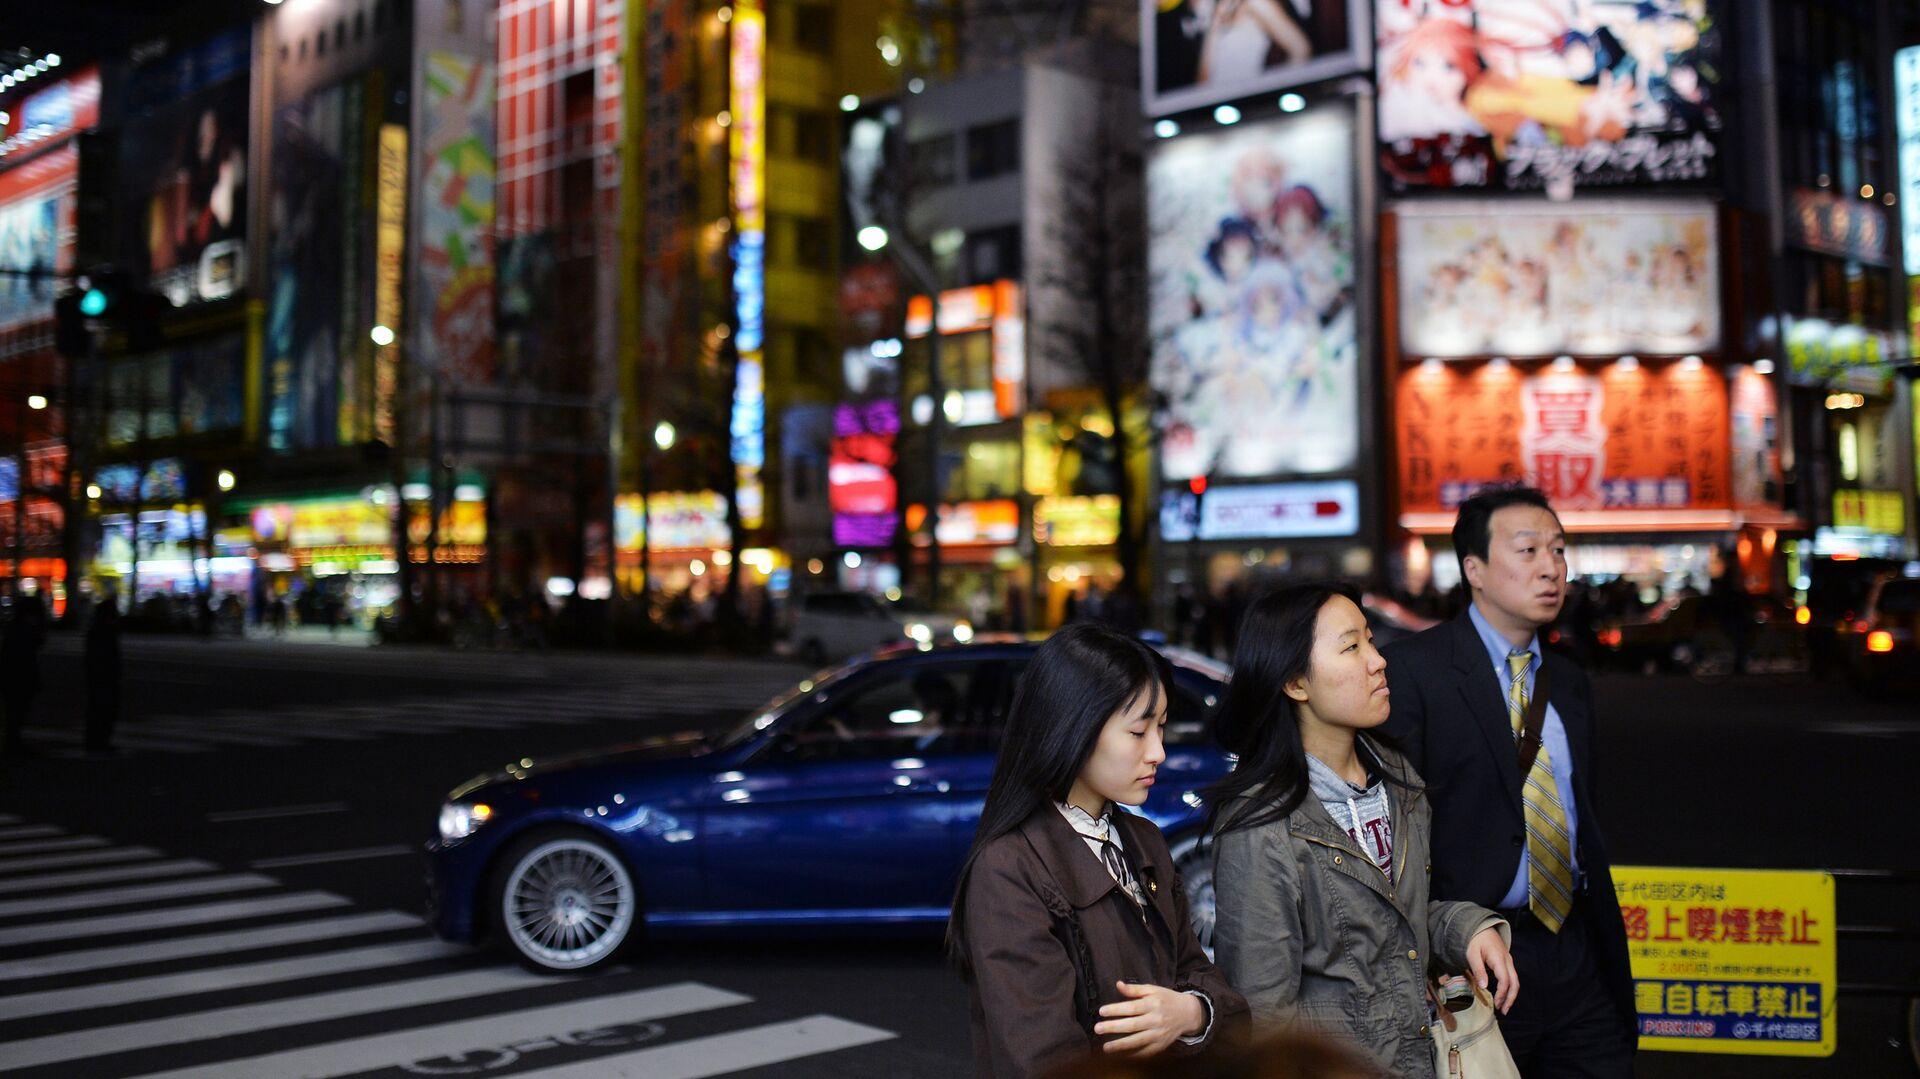 СМИ: в Токио выросло число погибших после наезда такси на пешеходов